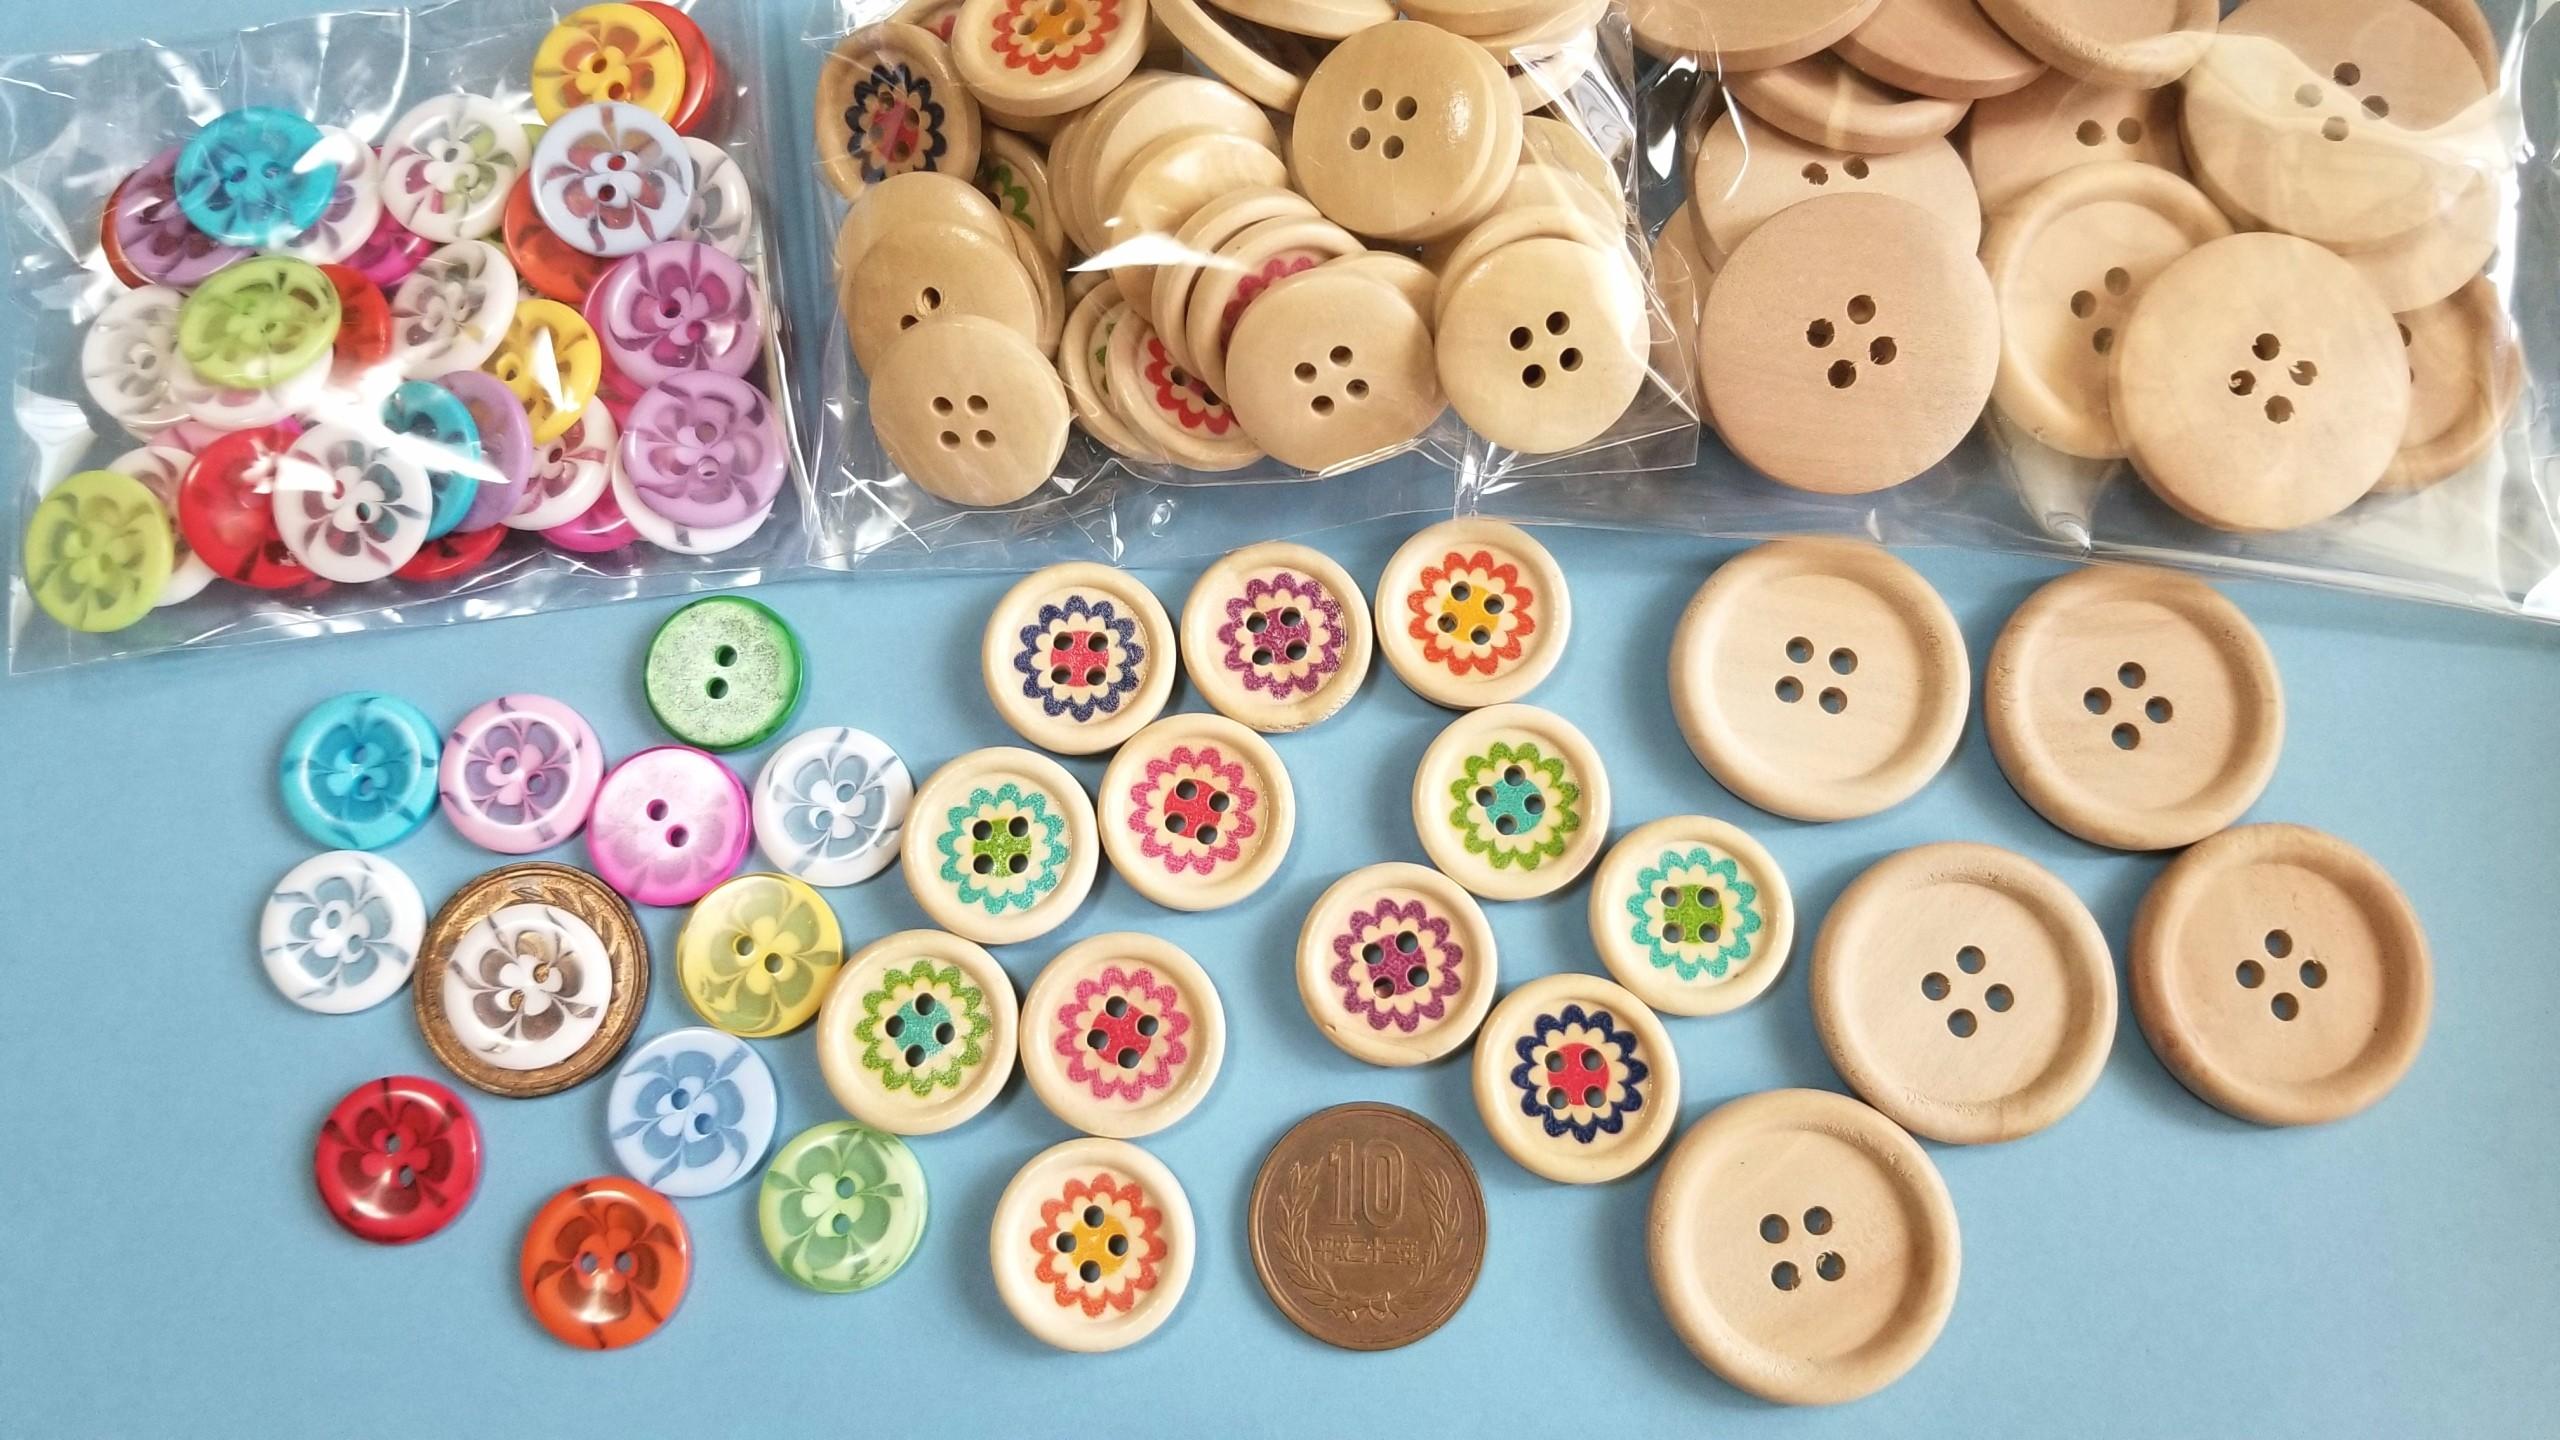 プラスチック,木製ボタン,道具材料,ハンドメイド,購入品,活用,応用